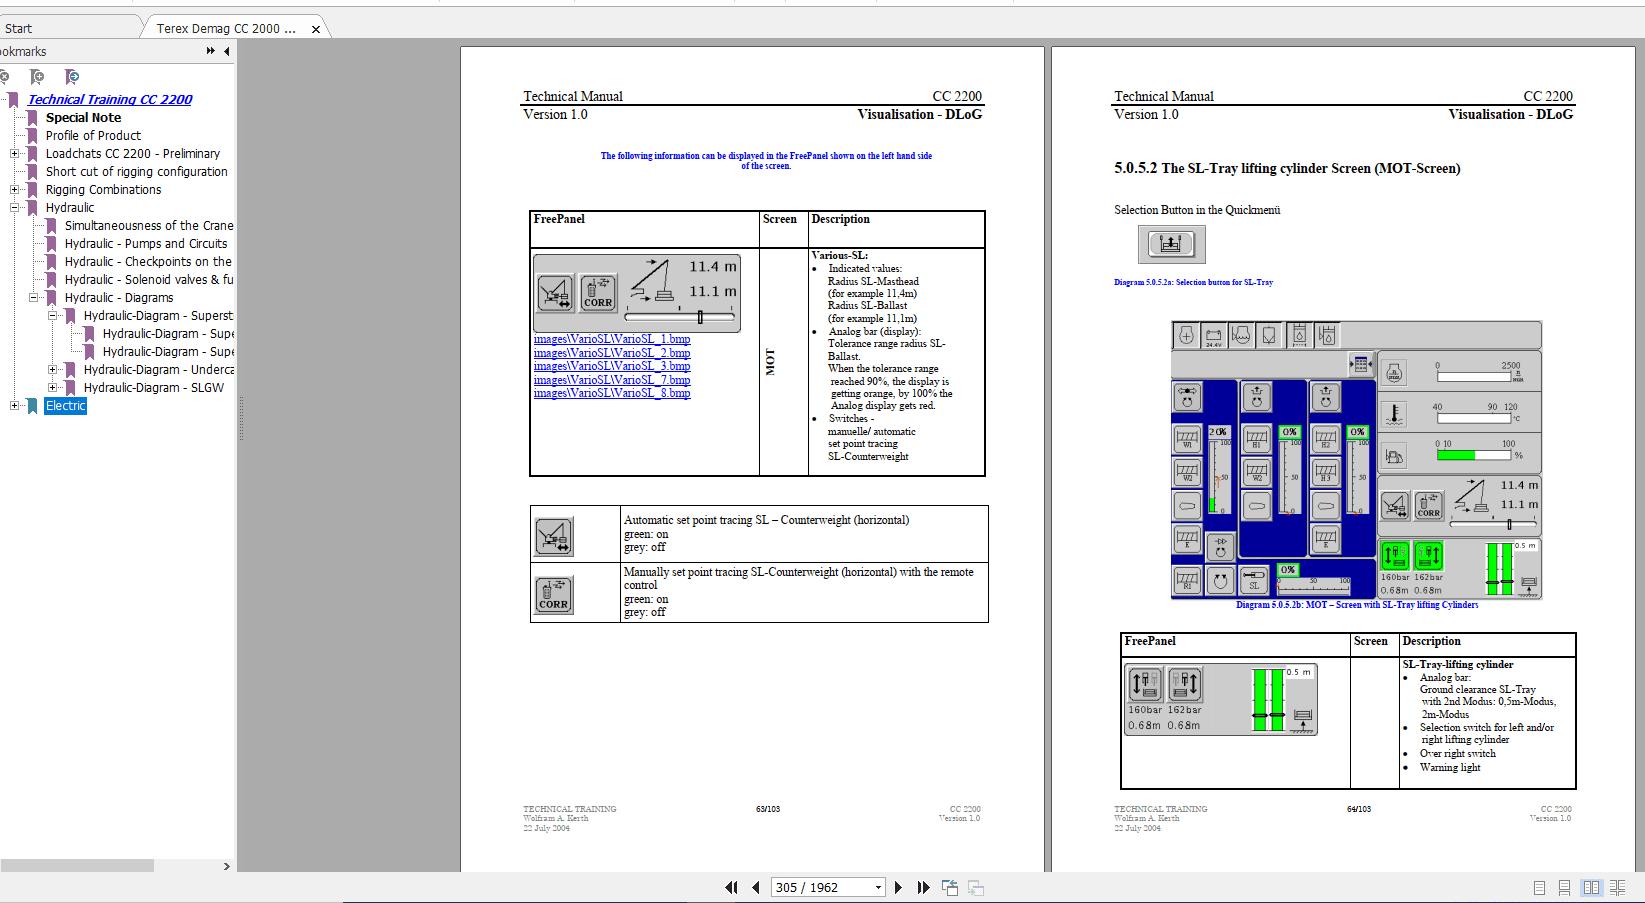 Terex_Demag_CC_2000_Crawler_Crane_Technical_Service_ManualVer10_4